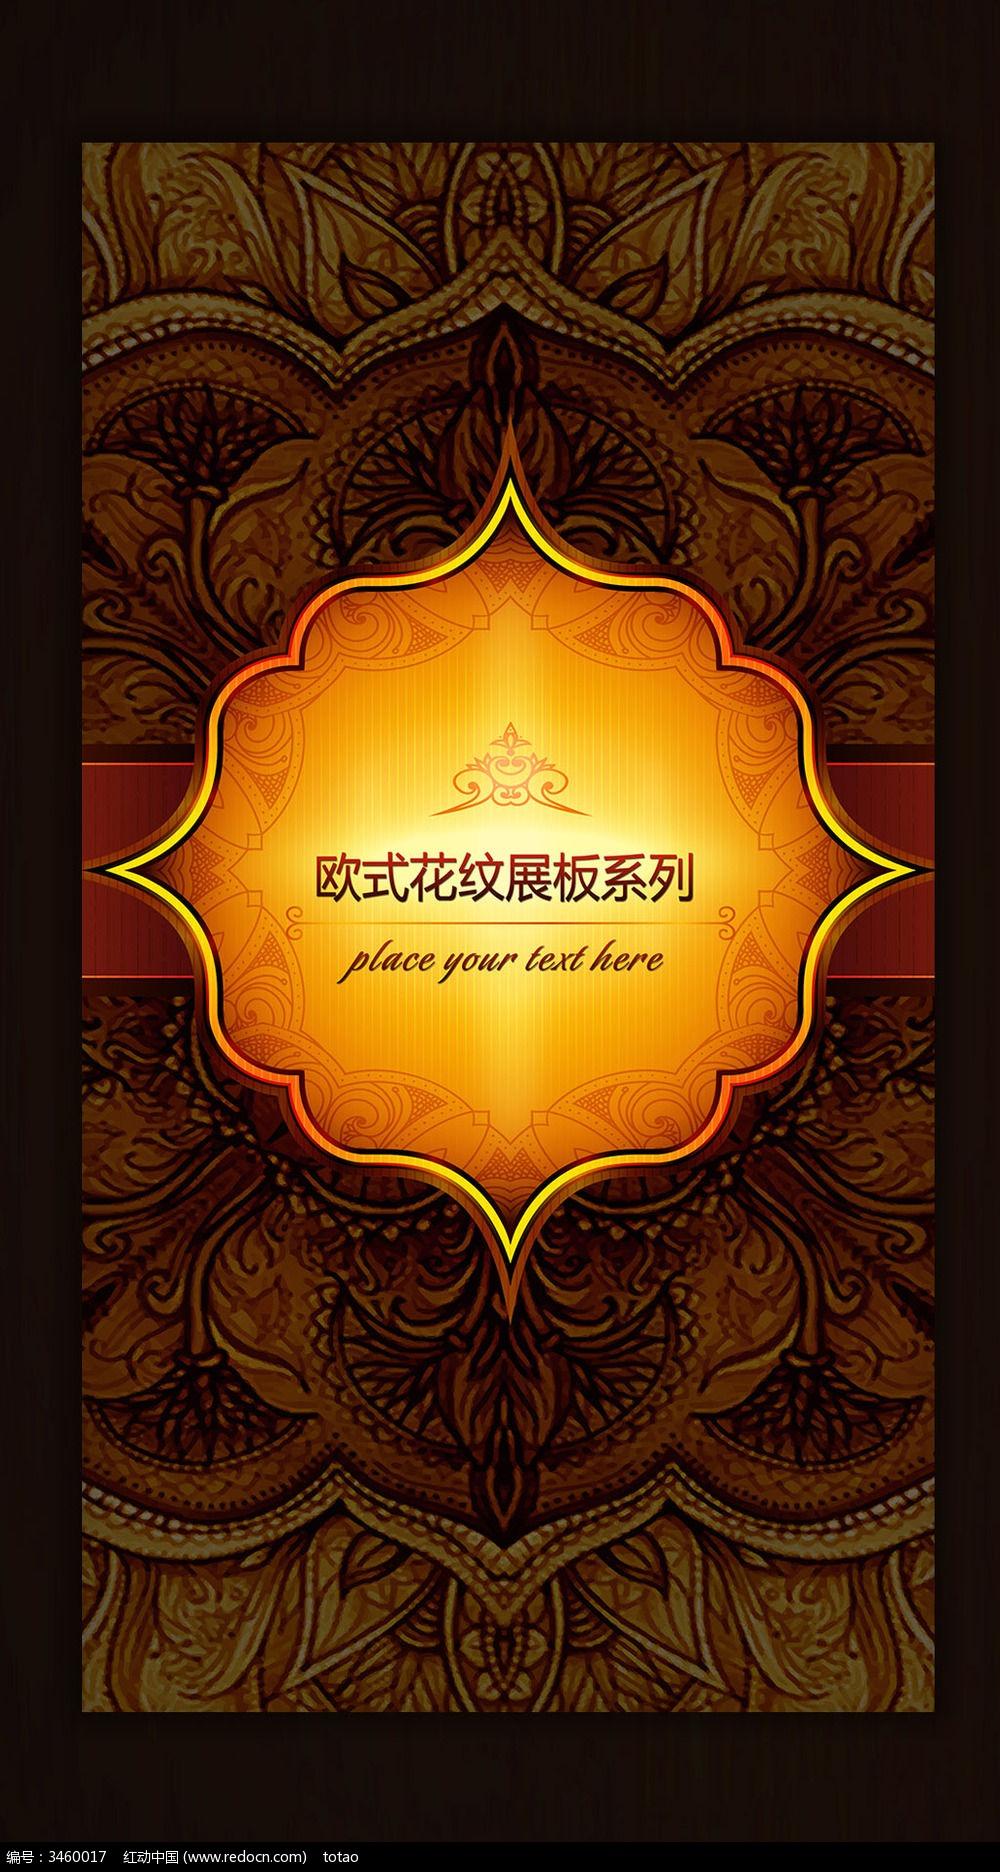 欧式花纹宫廷风格展板背景图片